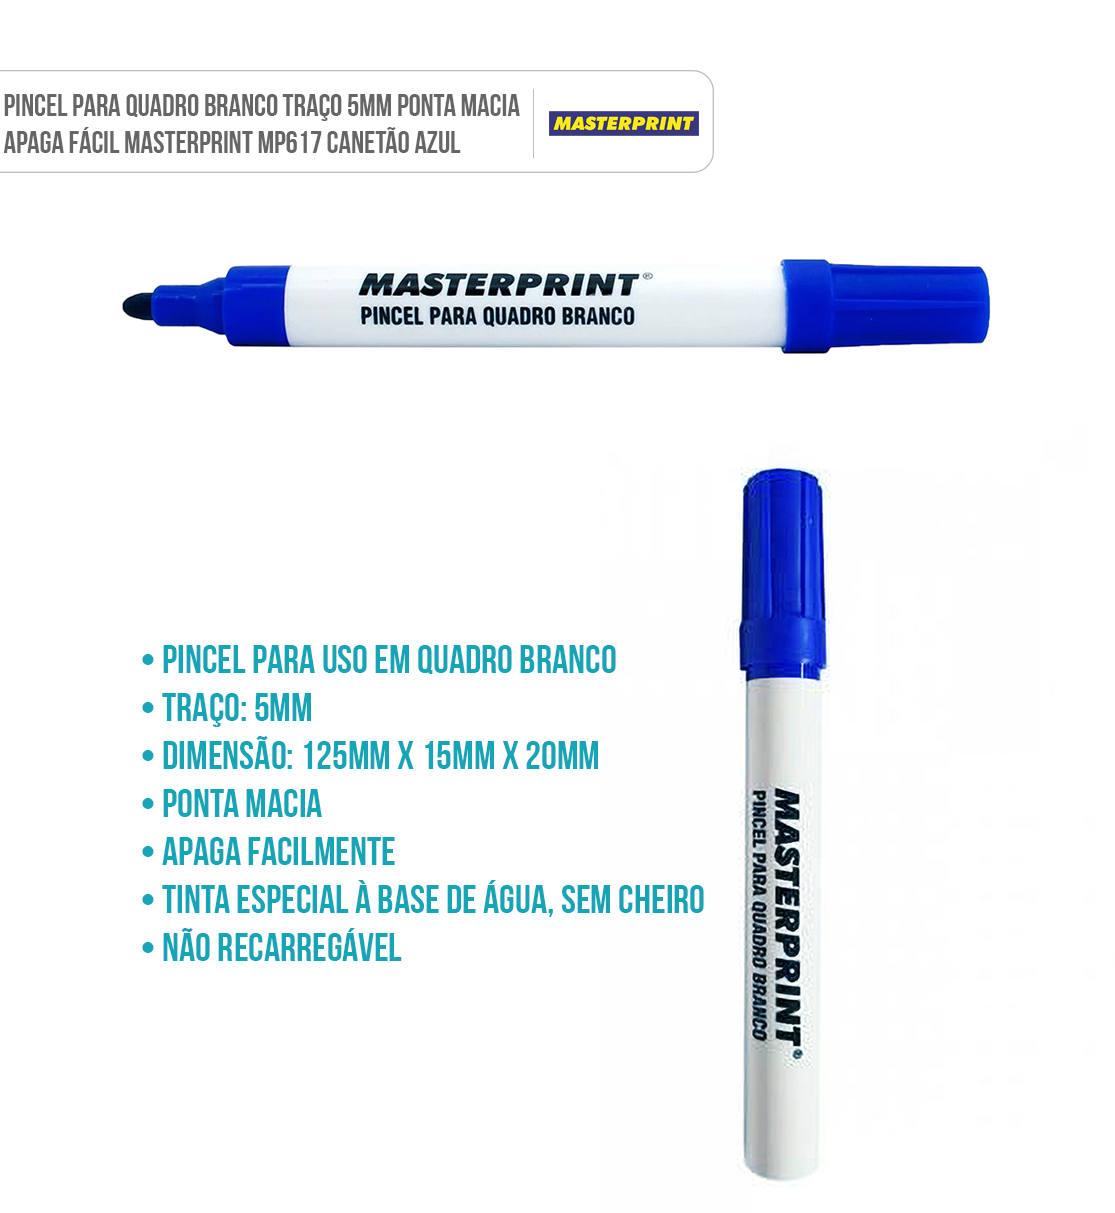 Canetão Pincel para Quadro Branco Traço 5mm Ponta Macia Masterprint MP617 Azul